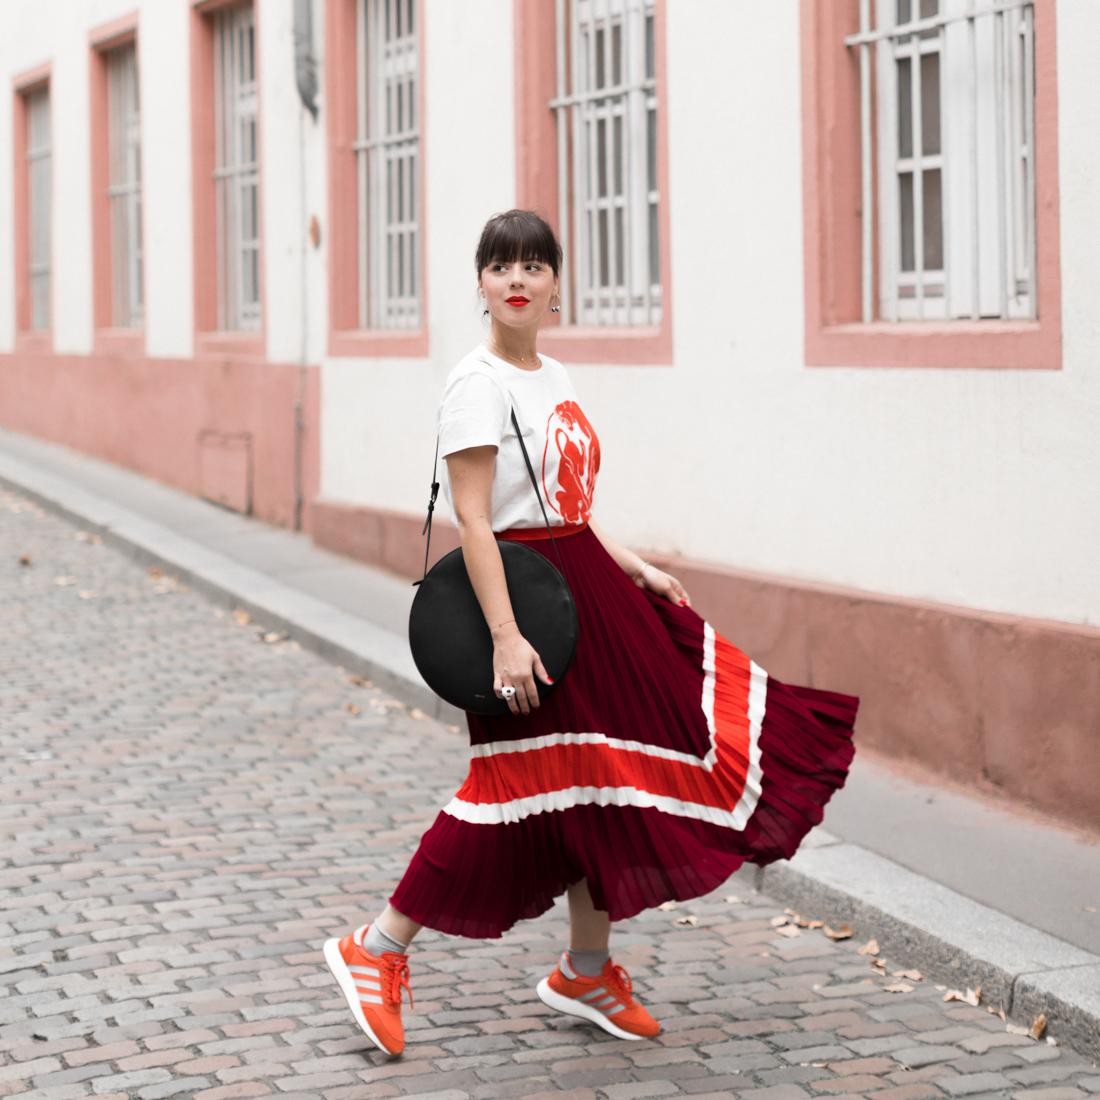 usa cheap sale discount clearance sale jupe plissée et sneakers colorées - Pauline